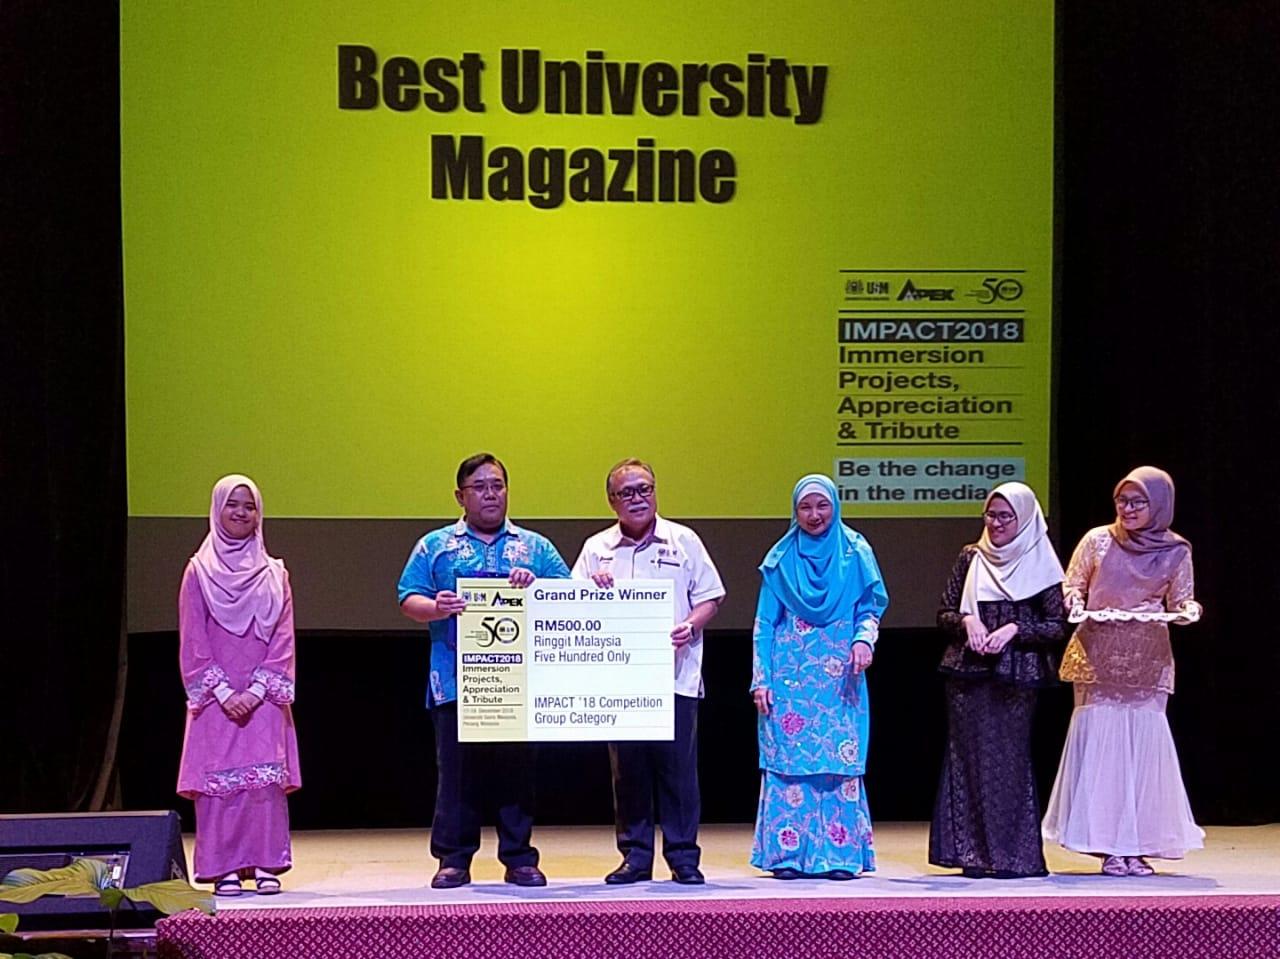 Majalah VISI Kembali Raih Penghargaan dalam Kompetisi